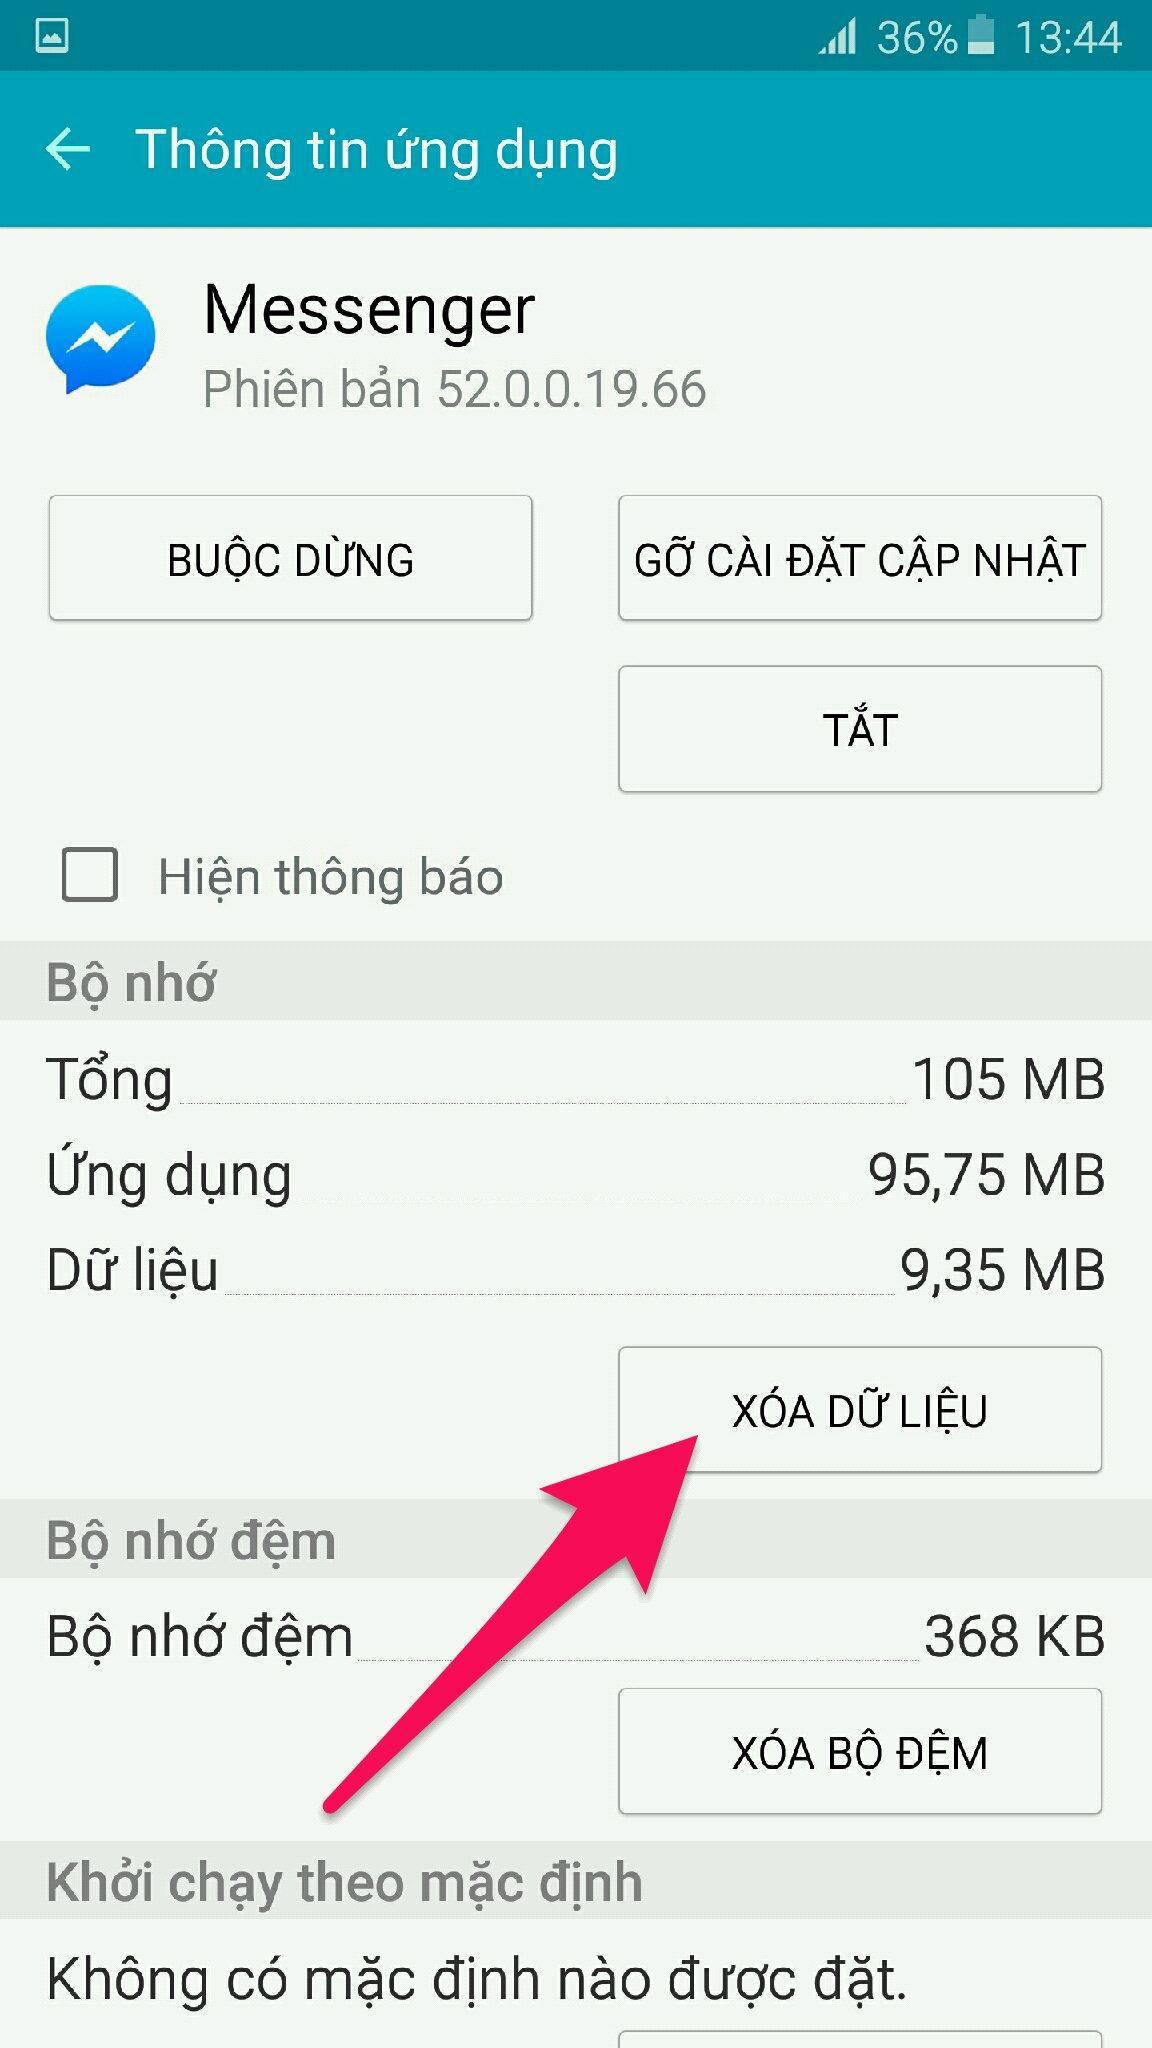 thông tin ứng dụng messenger